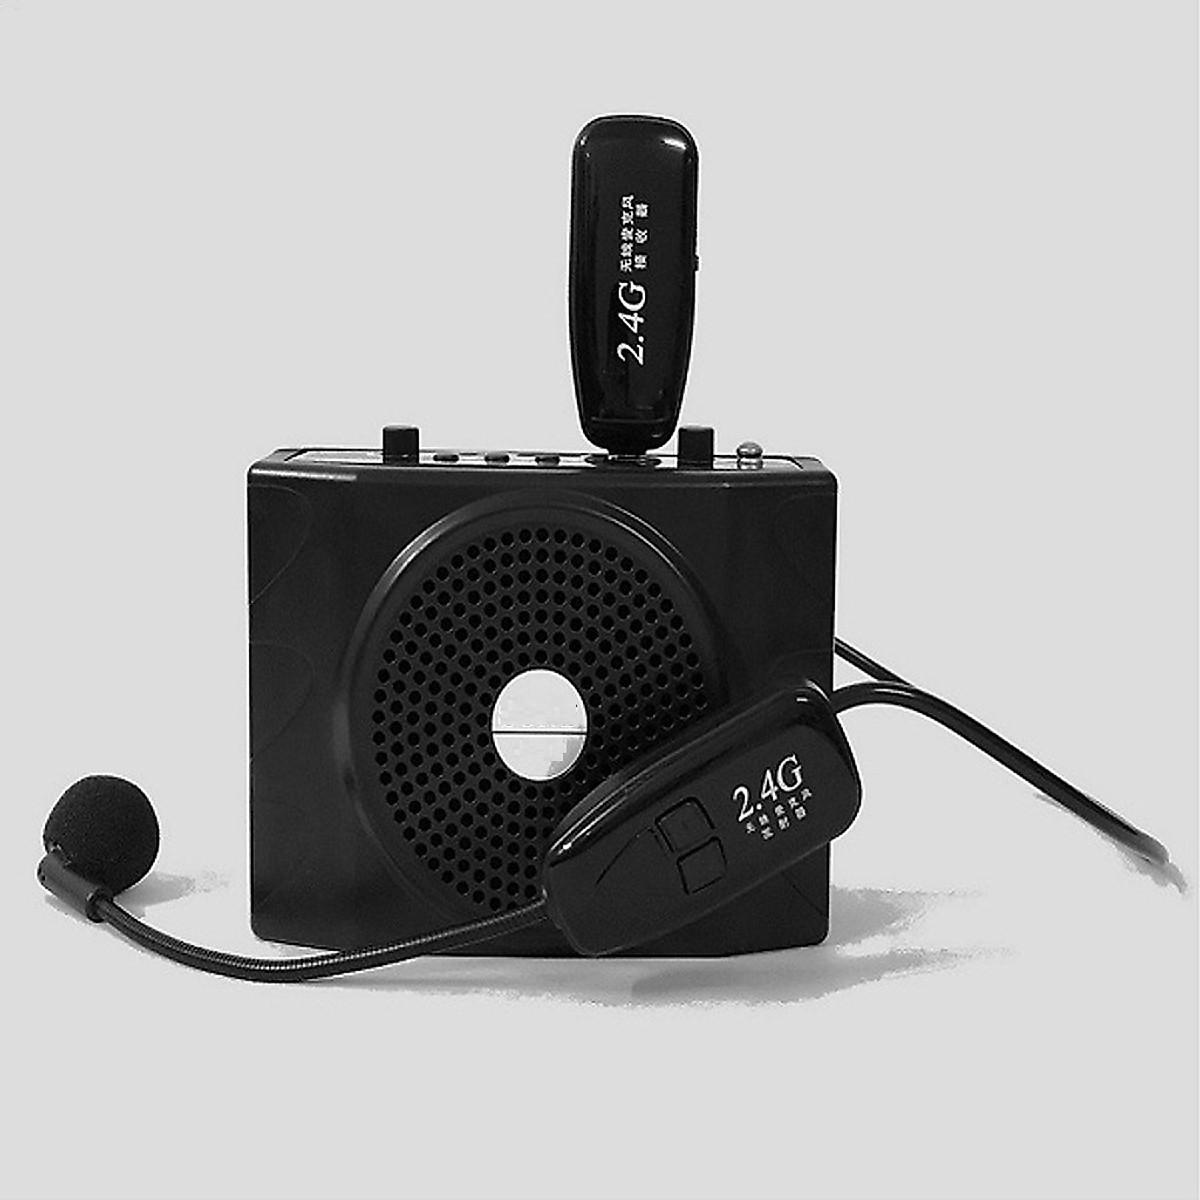 Micro không dây gài tai Wireless Kháng nước, mic live stream bán hàng online kèm Loa SN 204, Micro thu âm mini thiết kế cài áo tiện dụng, 1 Tai nghe Bluetooth Siêu Bass Có Mic Đàm Thoại Thích Hợp các cuộc họp, hội nghị và học trực tuyến trên Zoom